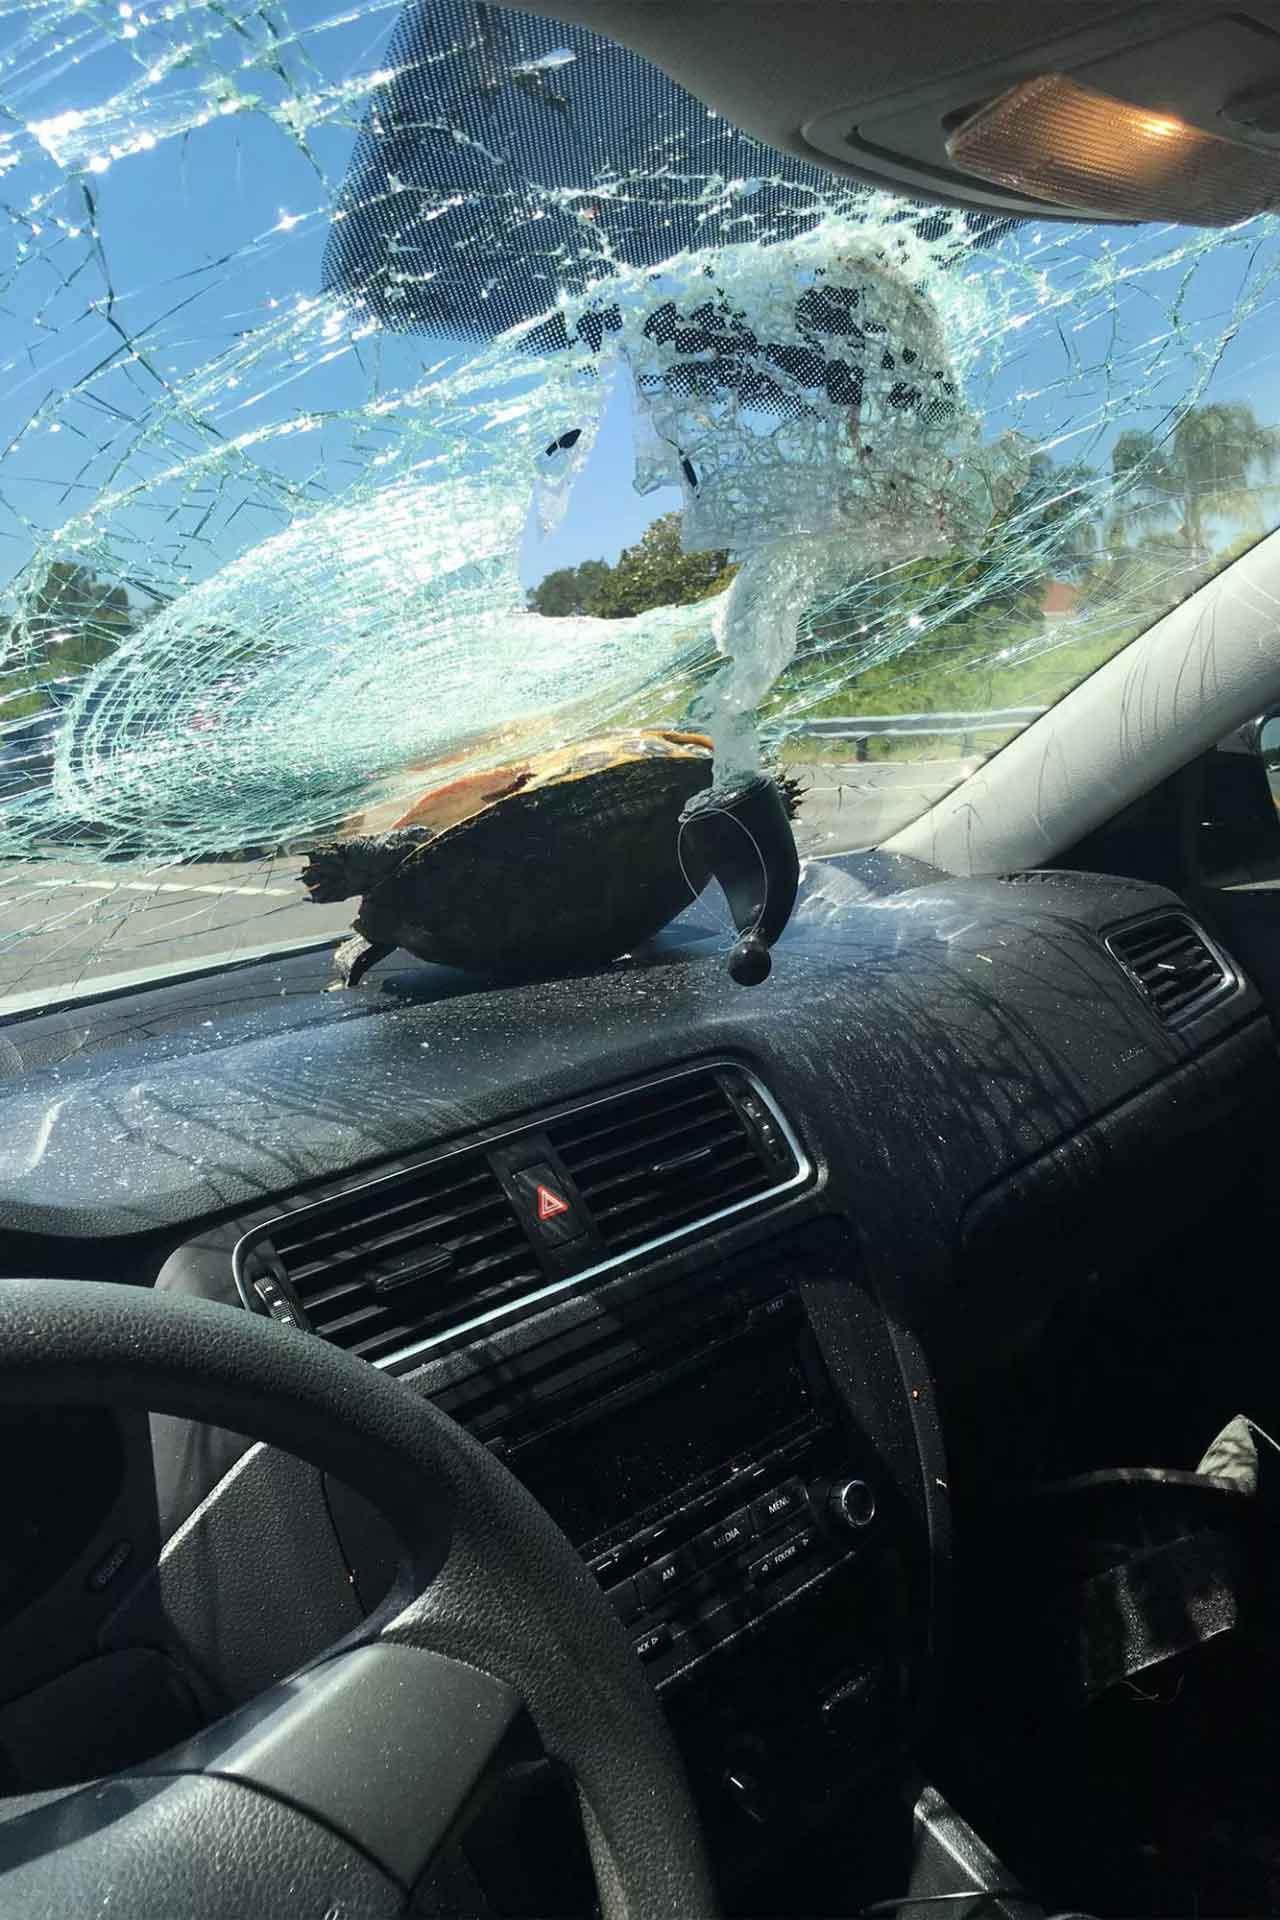 Tartaruga atravessa para-brisa de carro e atinge mulher na cabeça. Foto: reprodução